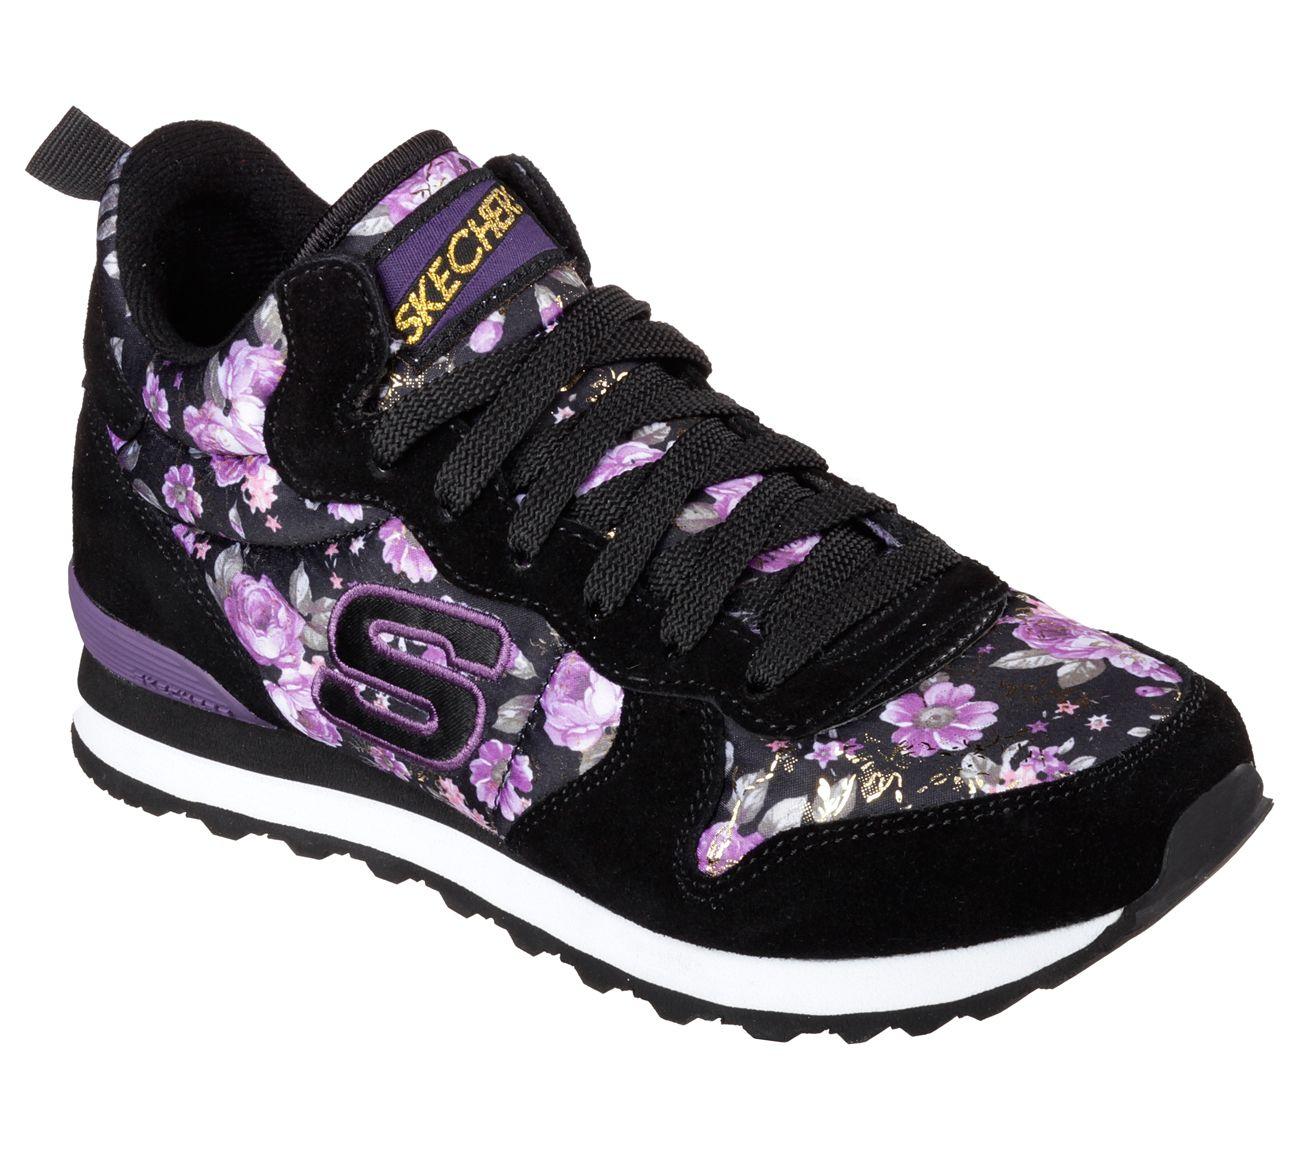 OG 85 Hollywood Rose | Sketchers shoes women, Skechers